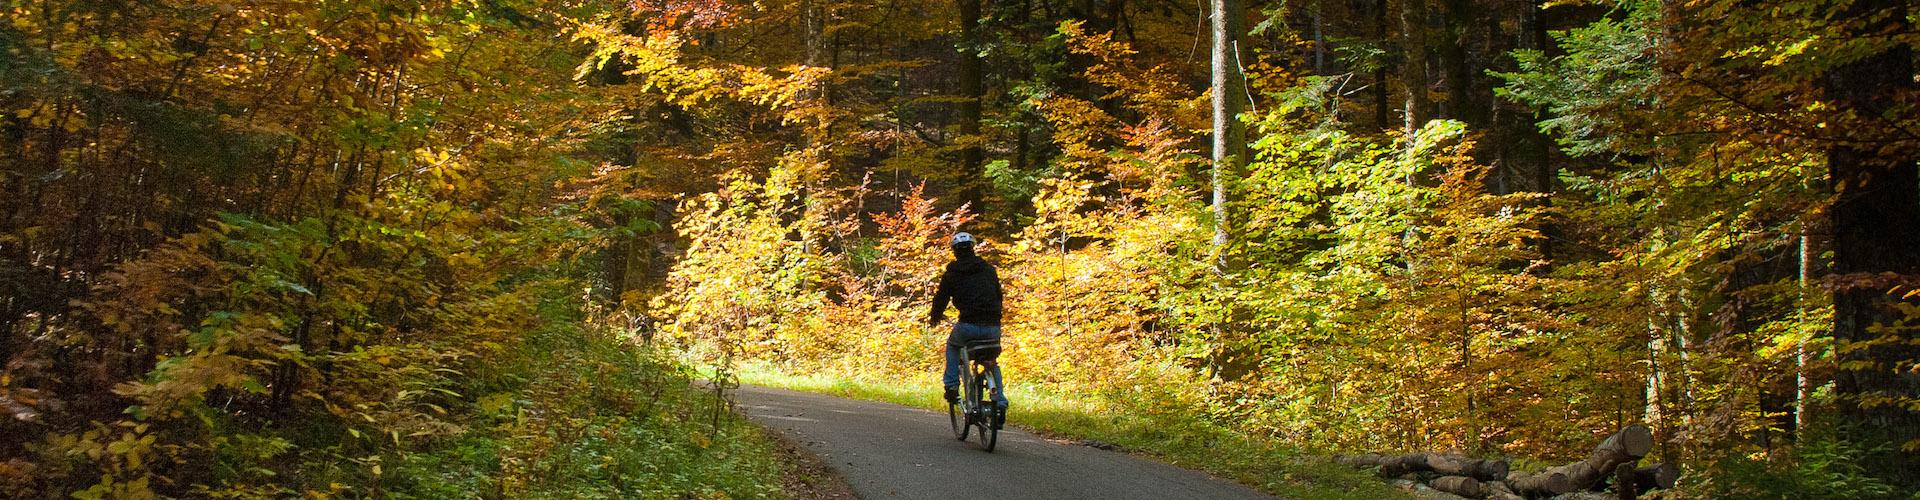 Herbstliche Velo-Tour mit dem e-Bike im Val-de-Travers, Kanton Neuenburg, Schweizer Jura